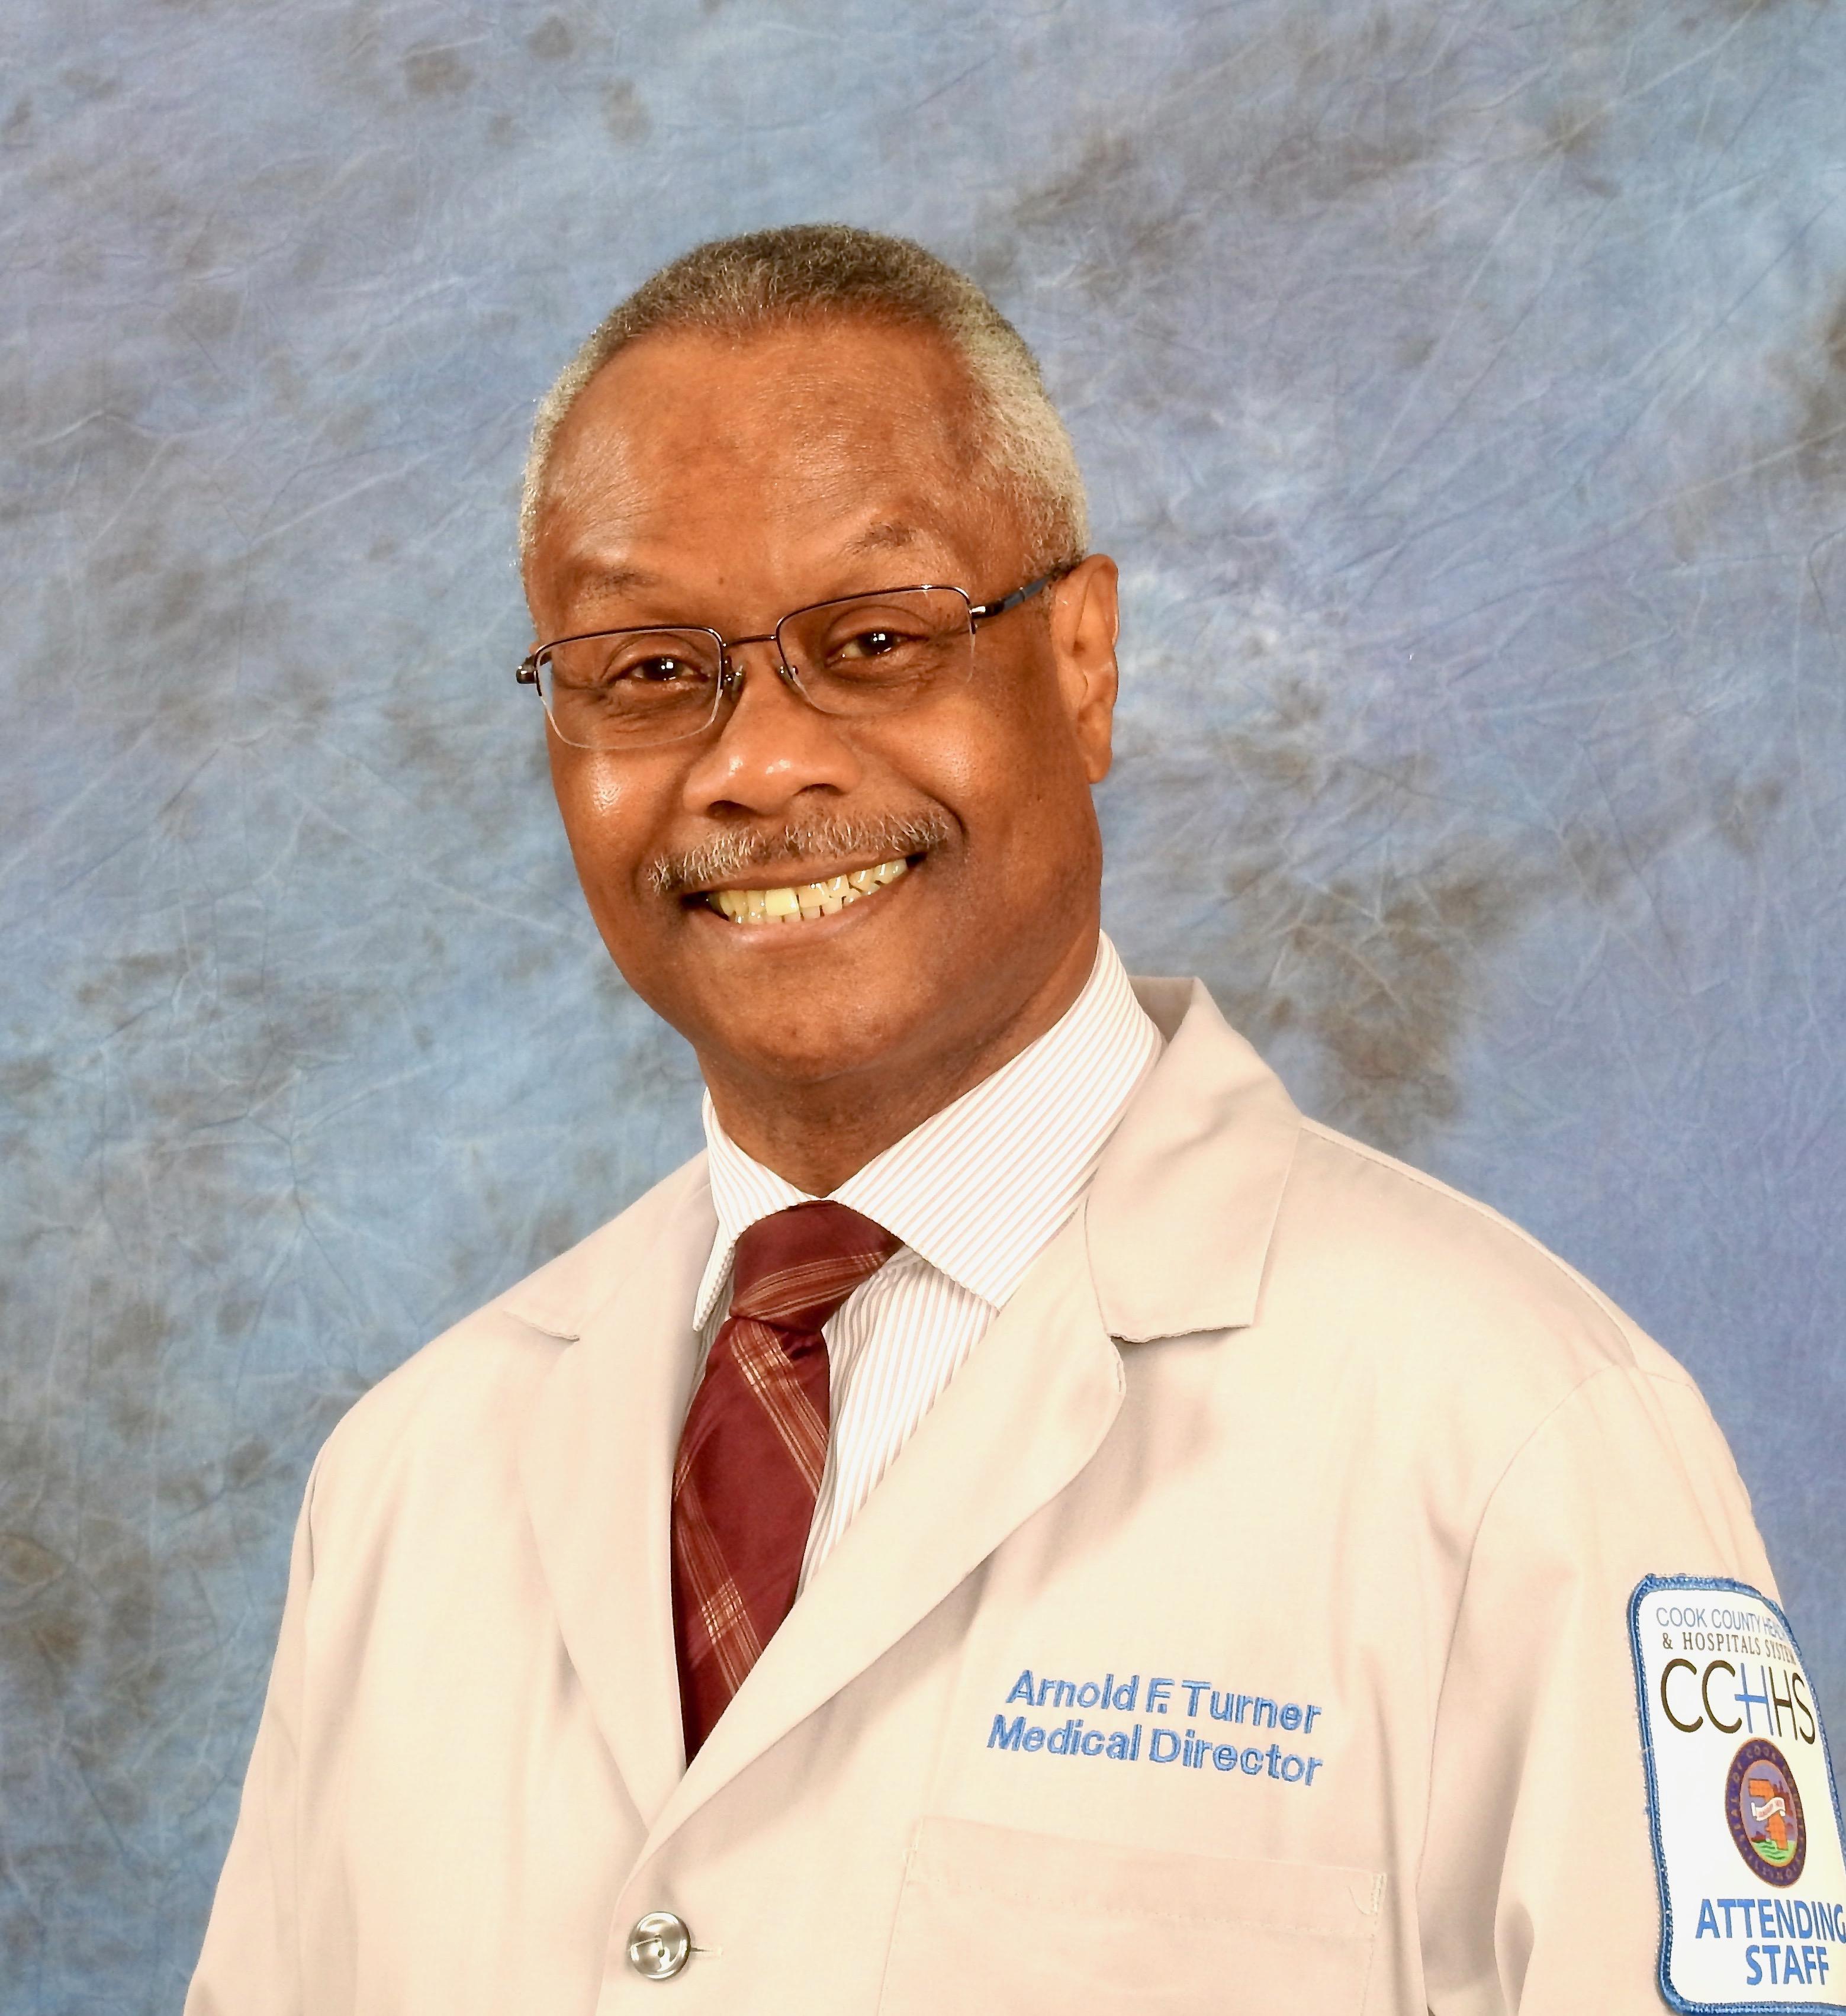 Arnold F Turner, MD